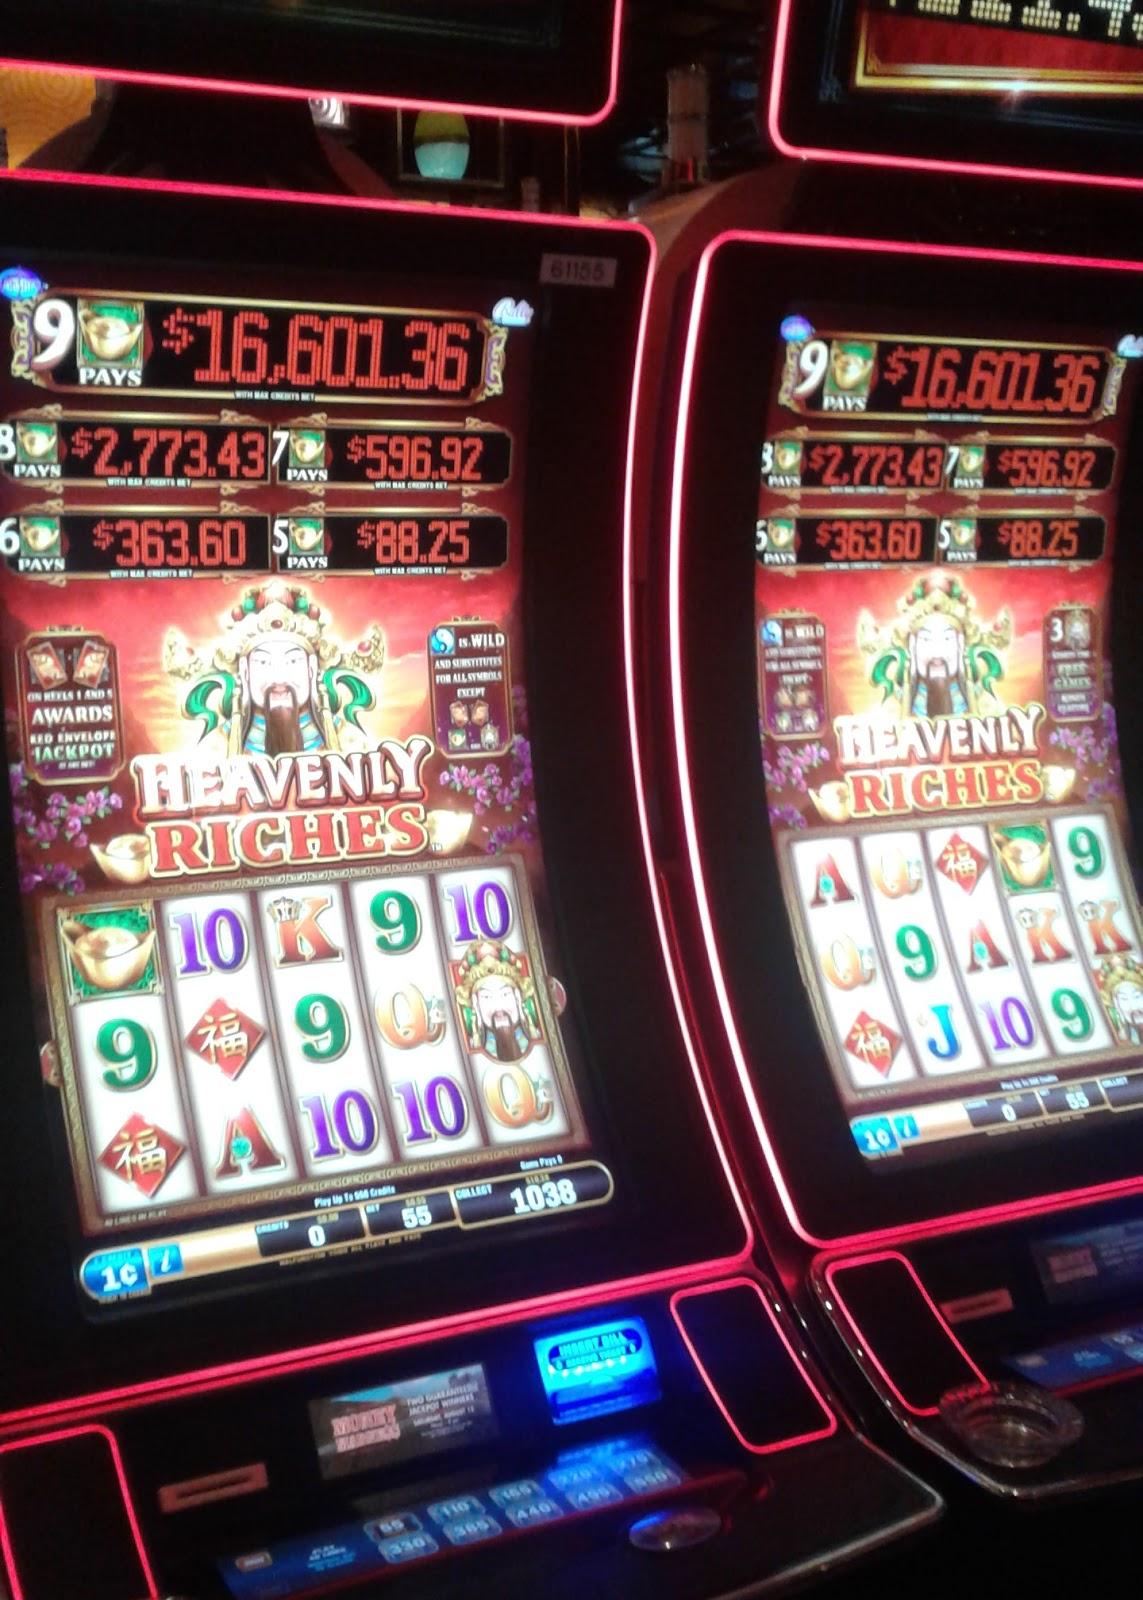 Best slot machine to play in reno casino 95240